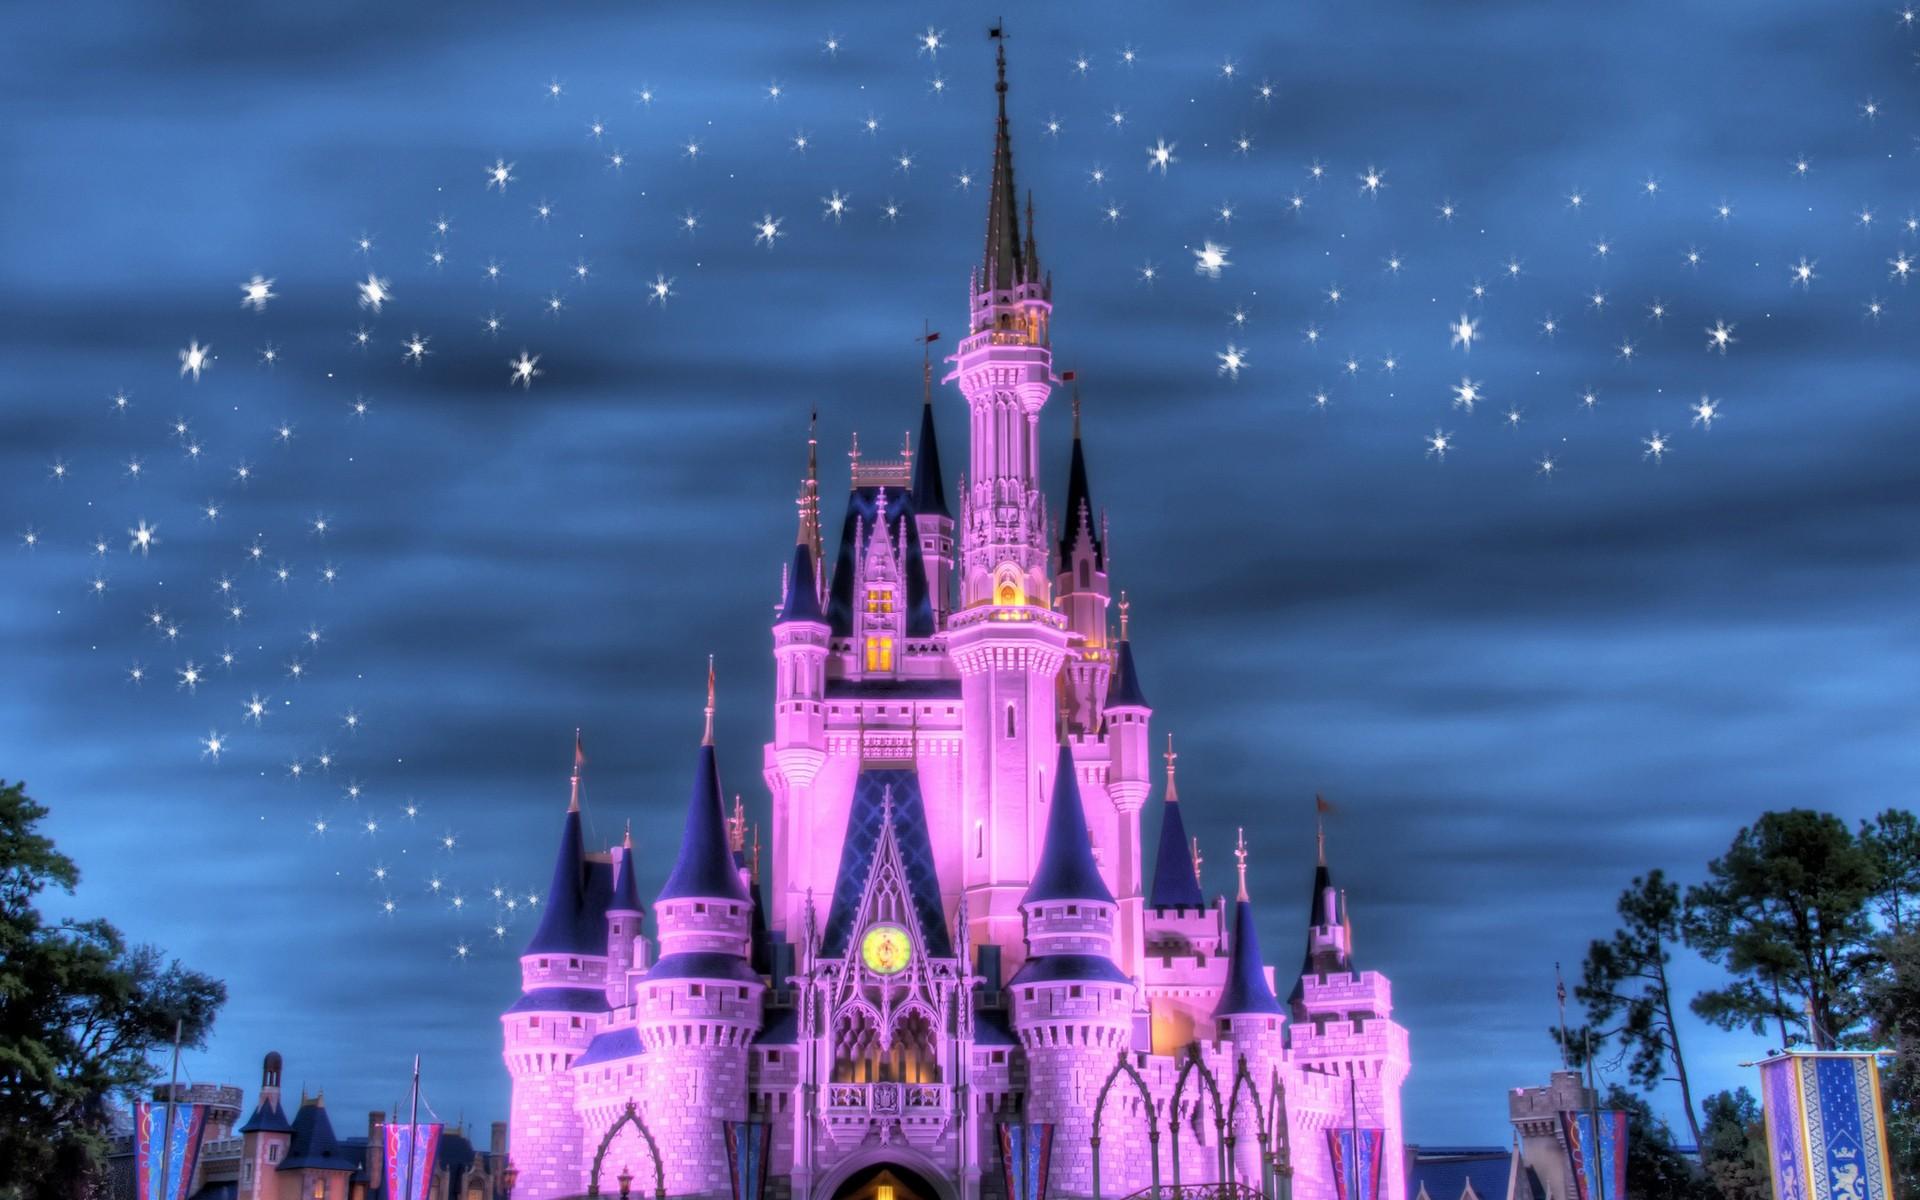 Castles Disney Wallpaper 1920x1200 Castles Disney Magical 1920x1200